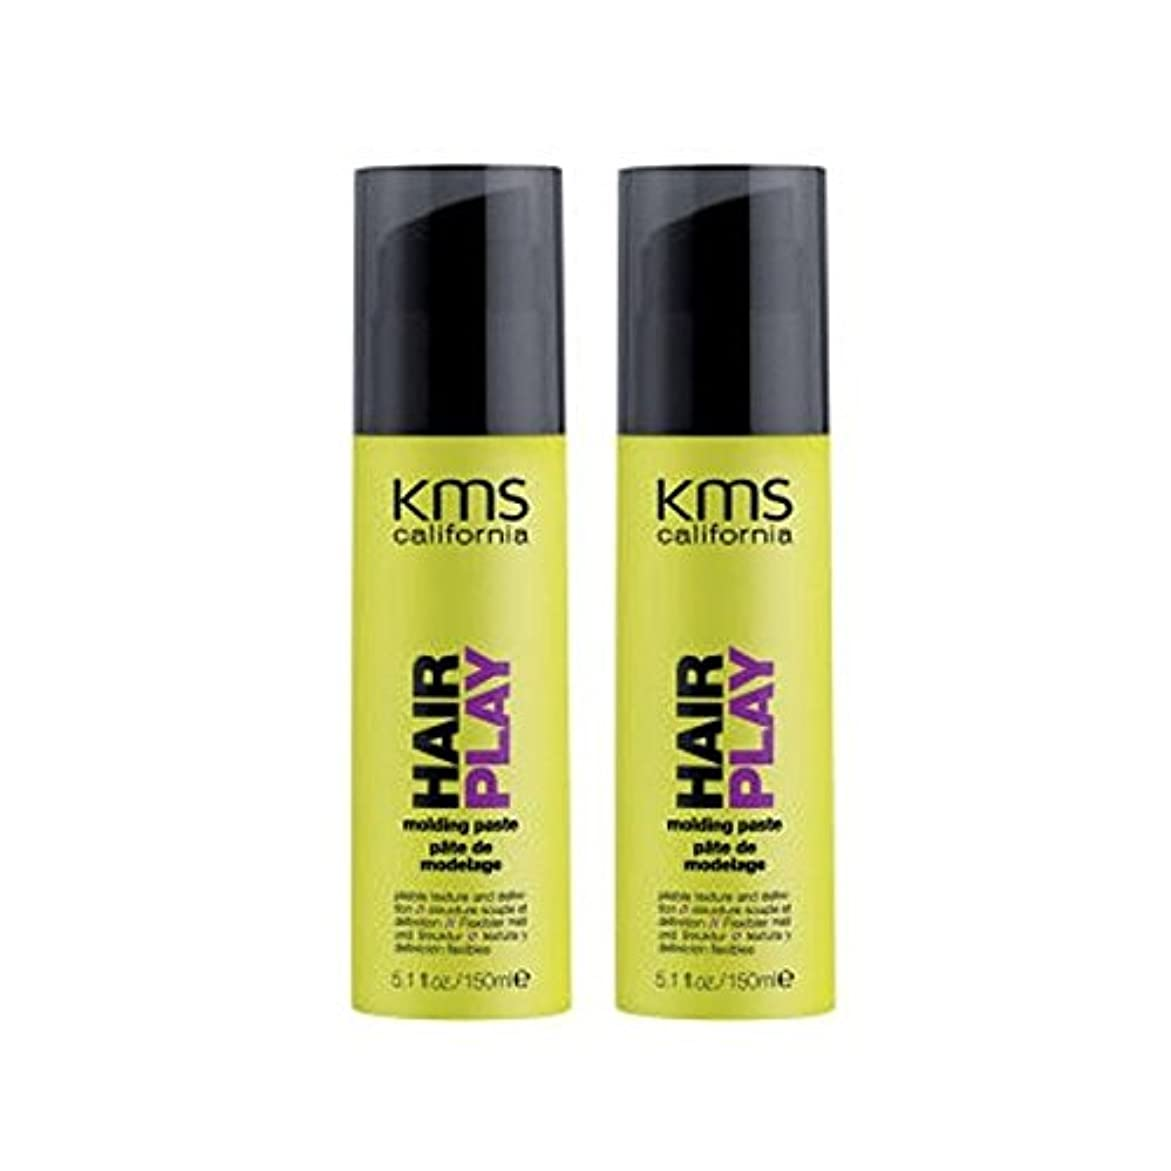 燃やす島単にカリフォルニア成形ペーストデュオを x2 - Kms California Hairplay Molding Paste Duo (Pack of 2) [並行輸入品]